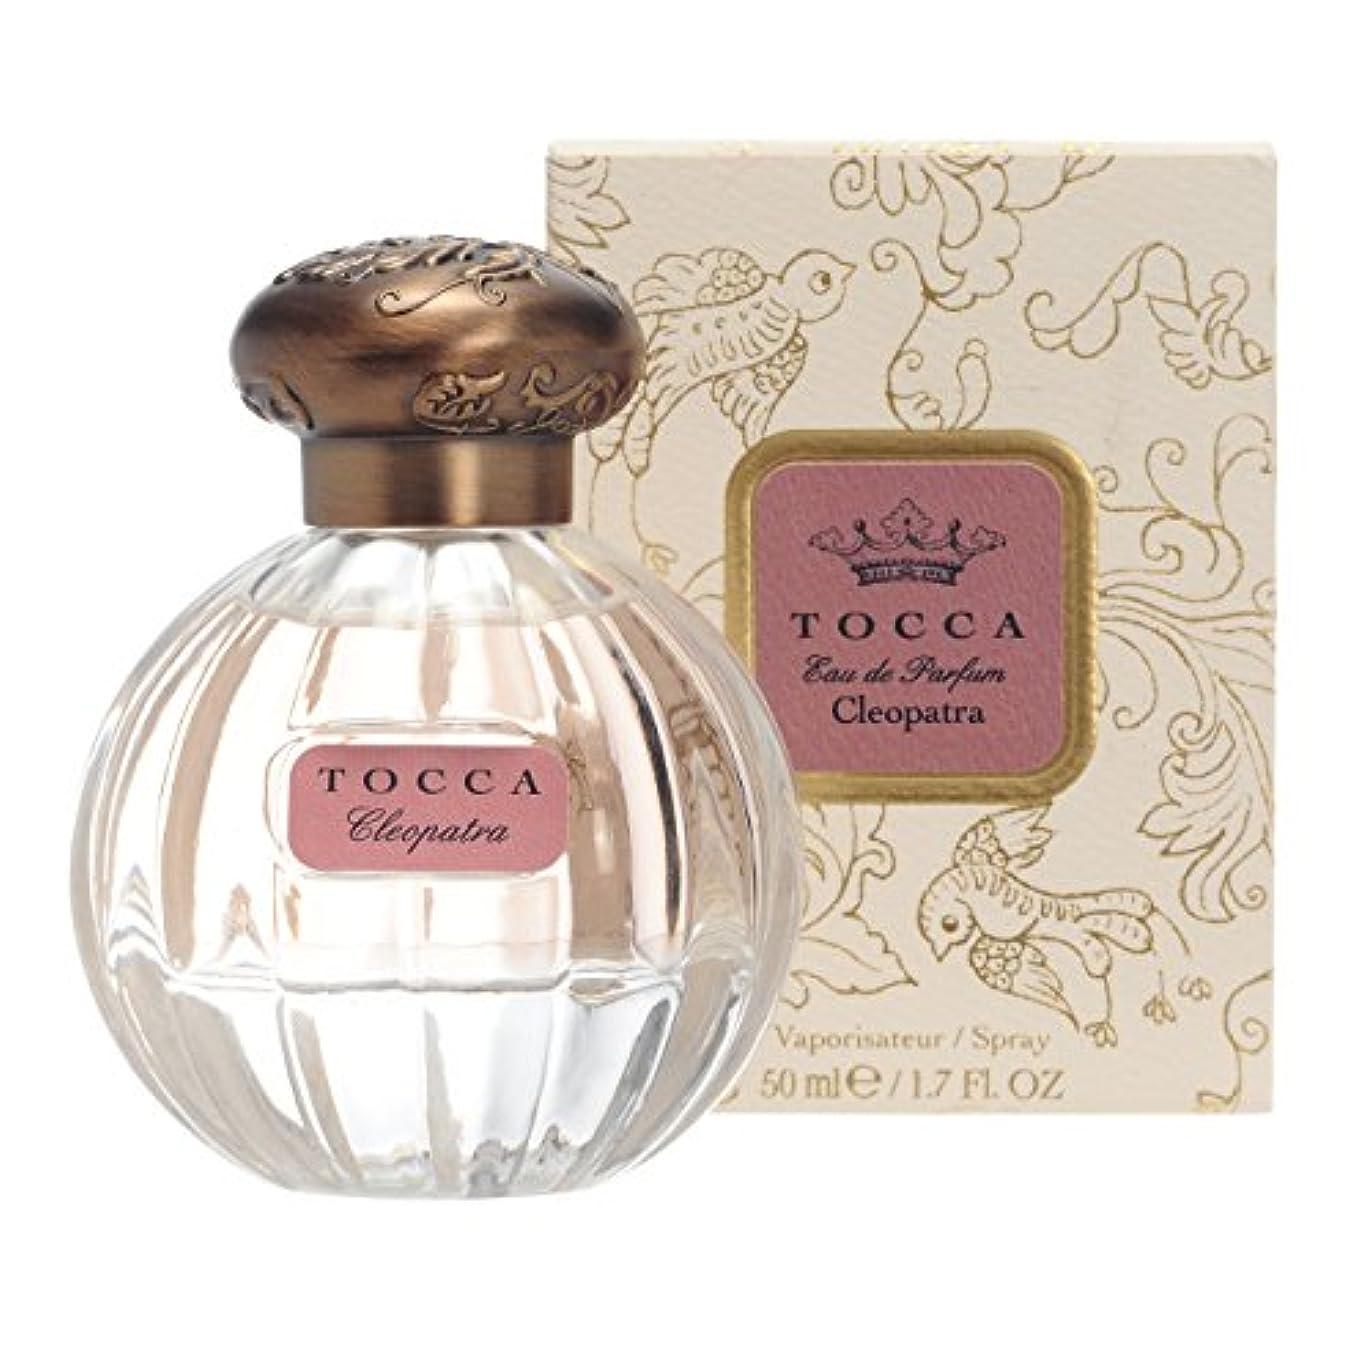 メニュー小競り合い強度トッカ(TOCCA) オードパルファム クレオパトラの香り 50ml(香水 グレープフルーツとホワイトジャスミンの魅惑的でエキゾチックな香り)